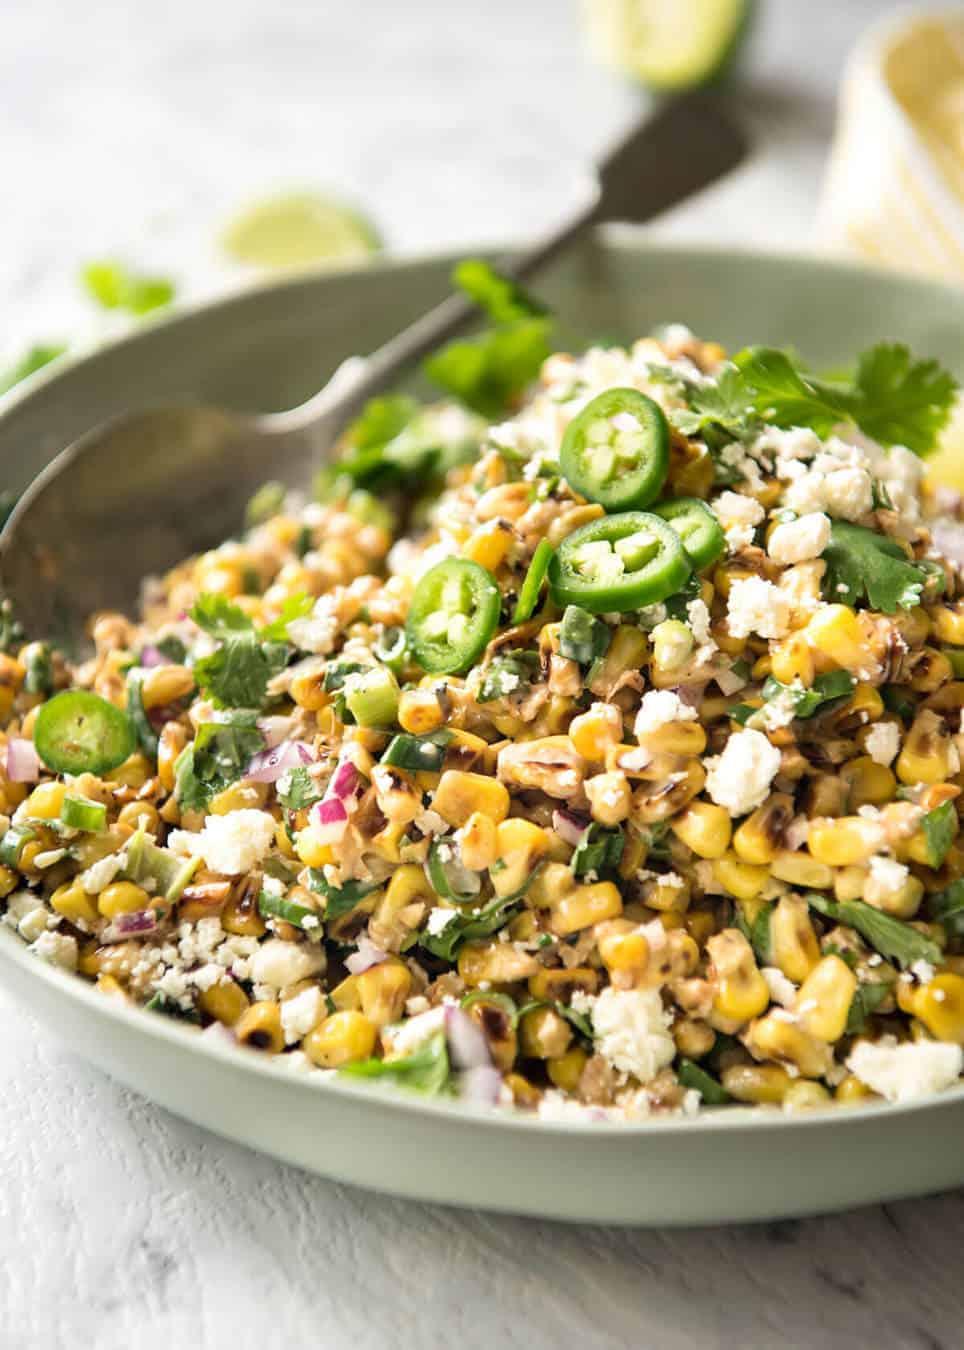 Mexican Corn Salad RecipeTin Eats